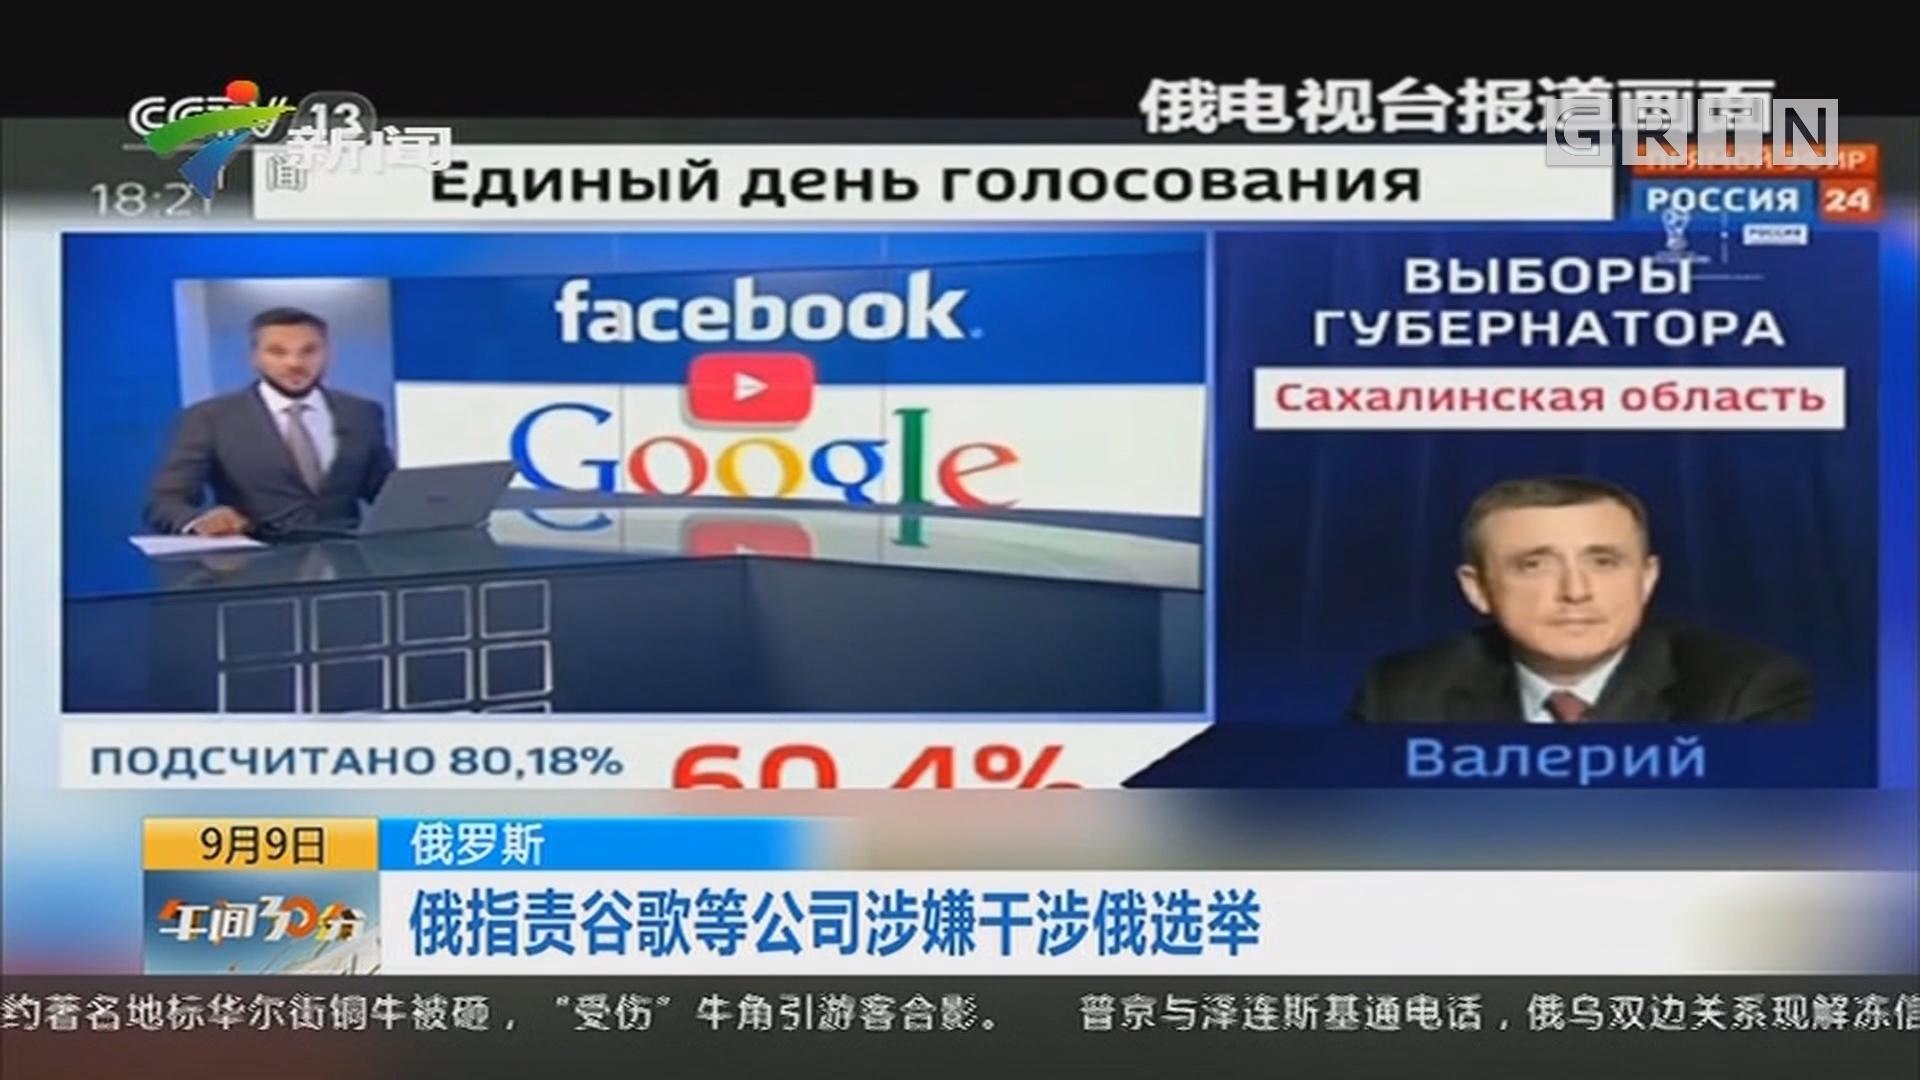 俄罗斯:俄指责谷歌等公司涉嫌干涉俄选举